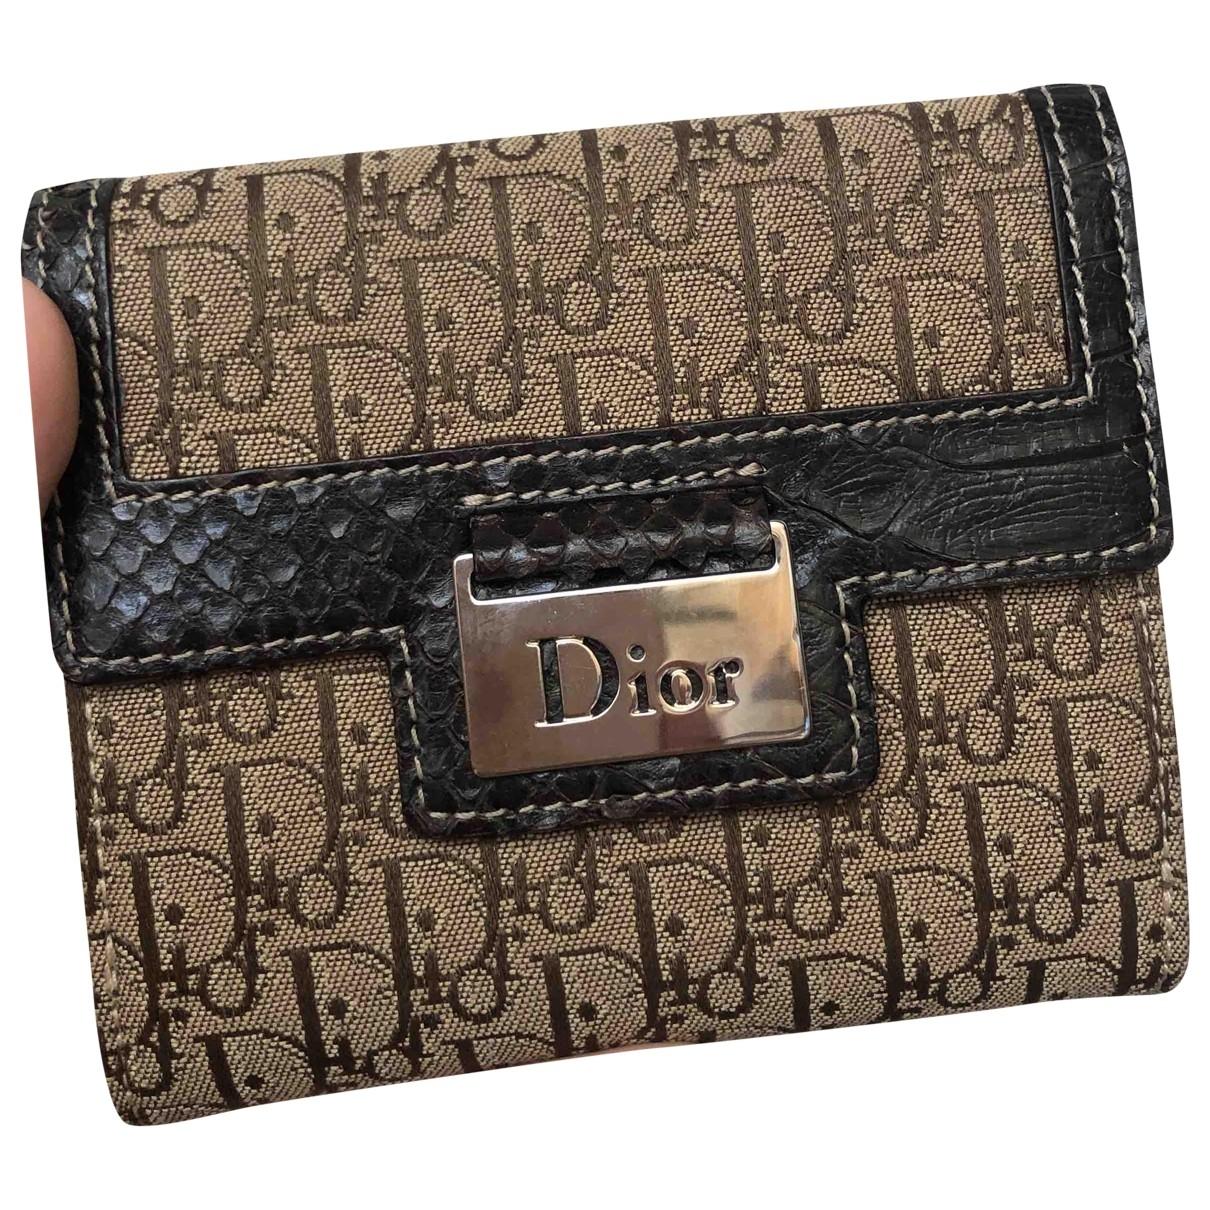 Dior - Portefeuille   pour femme en toile - marron